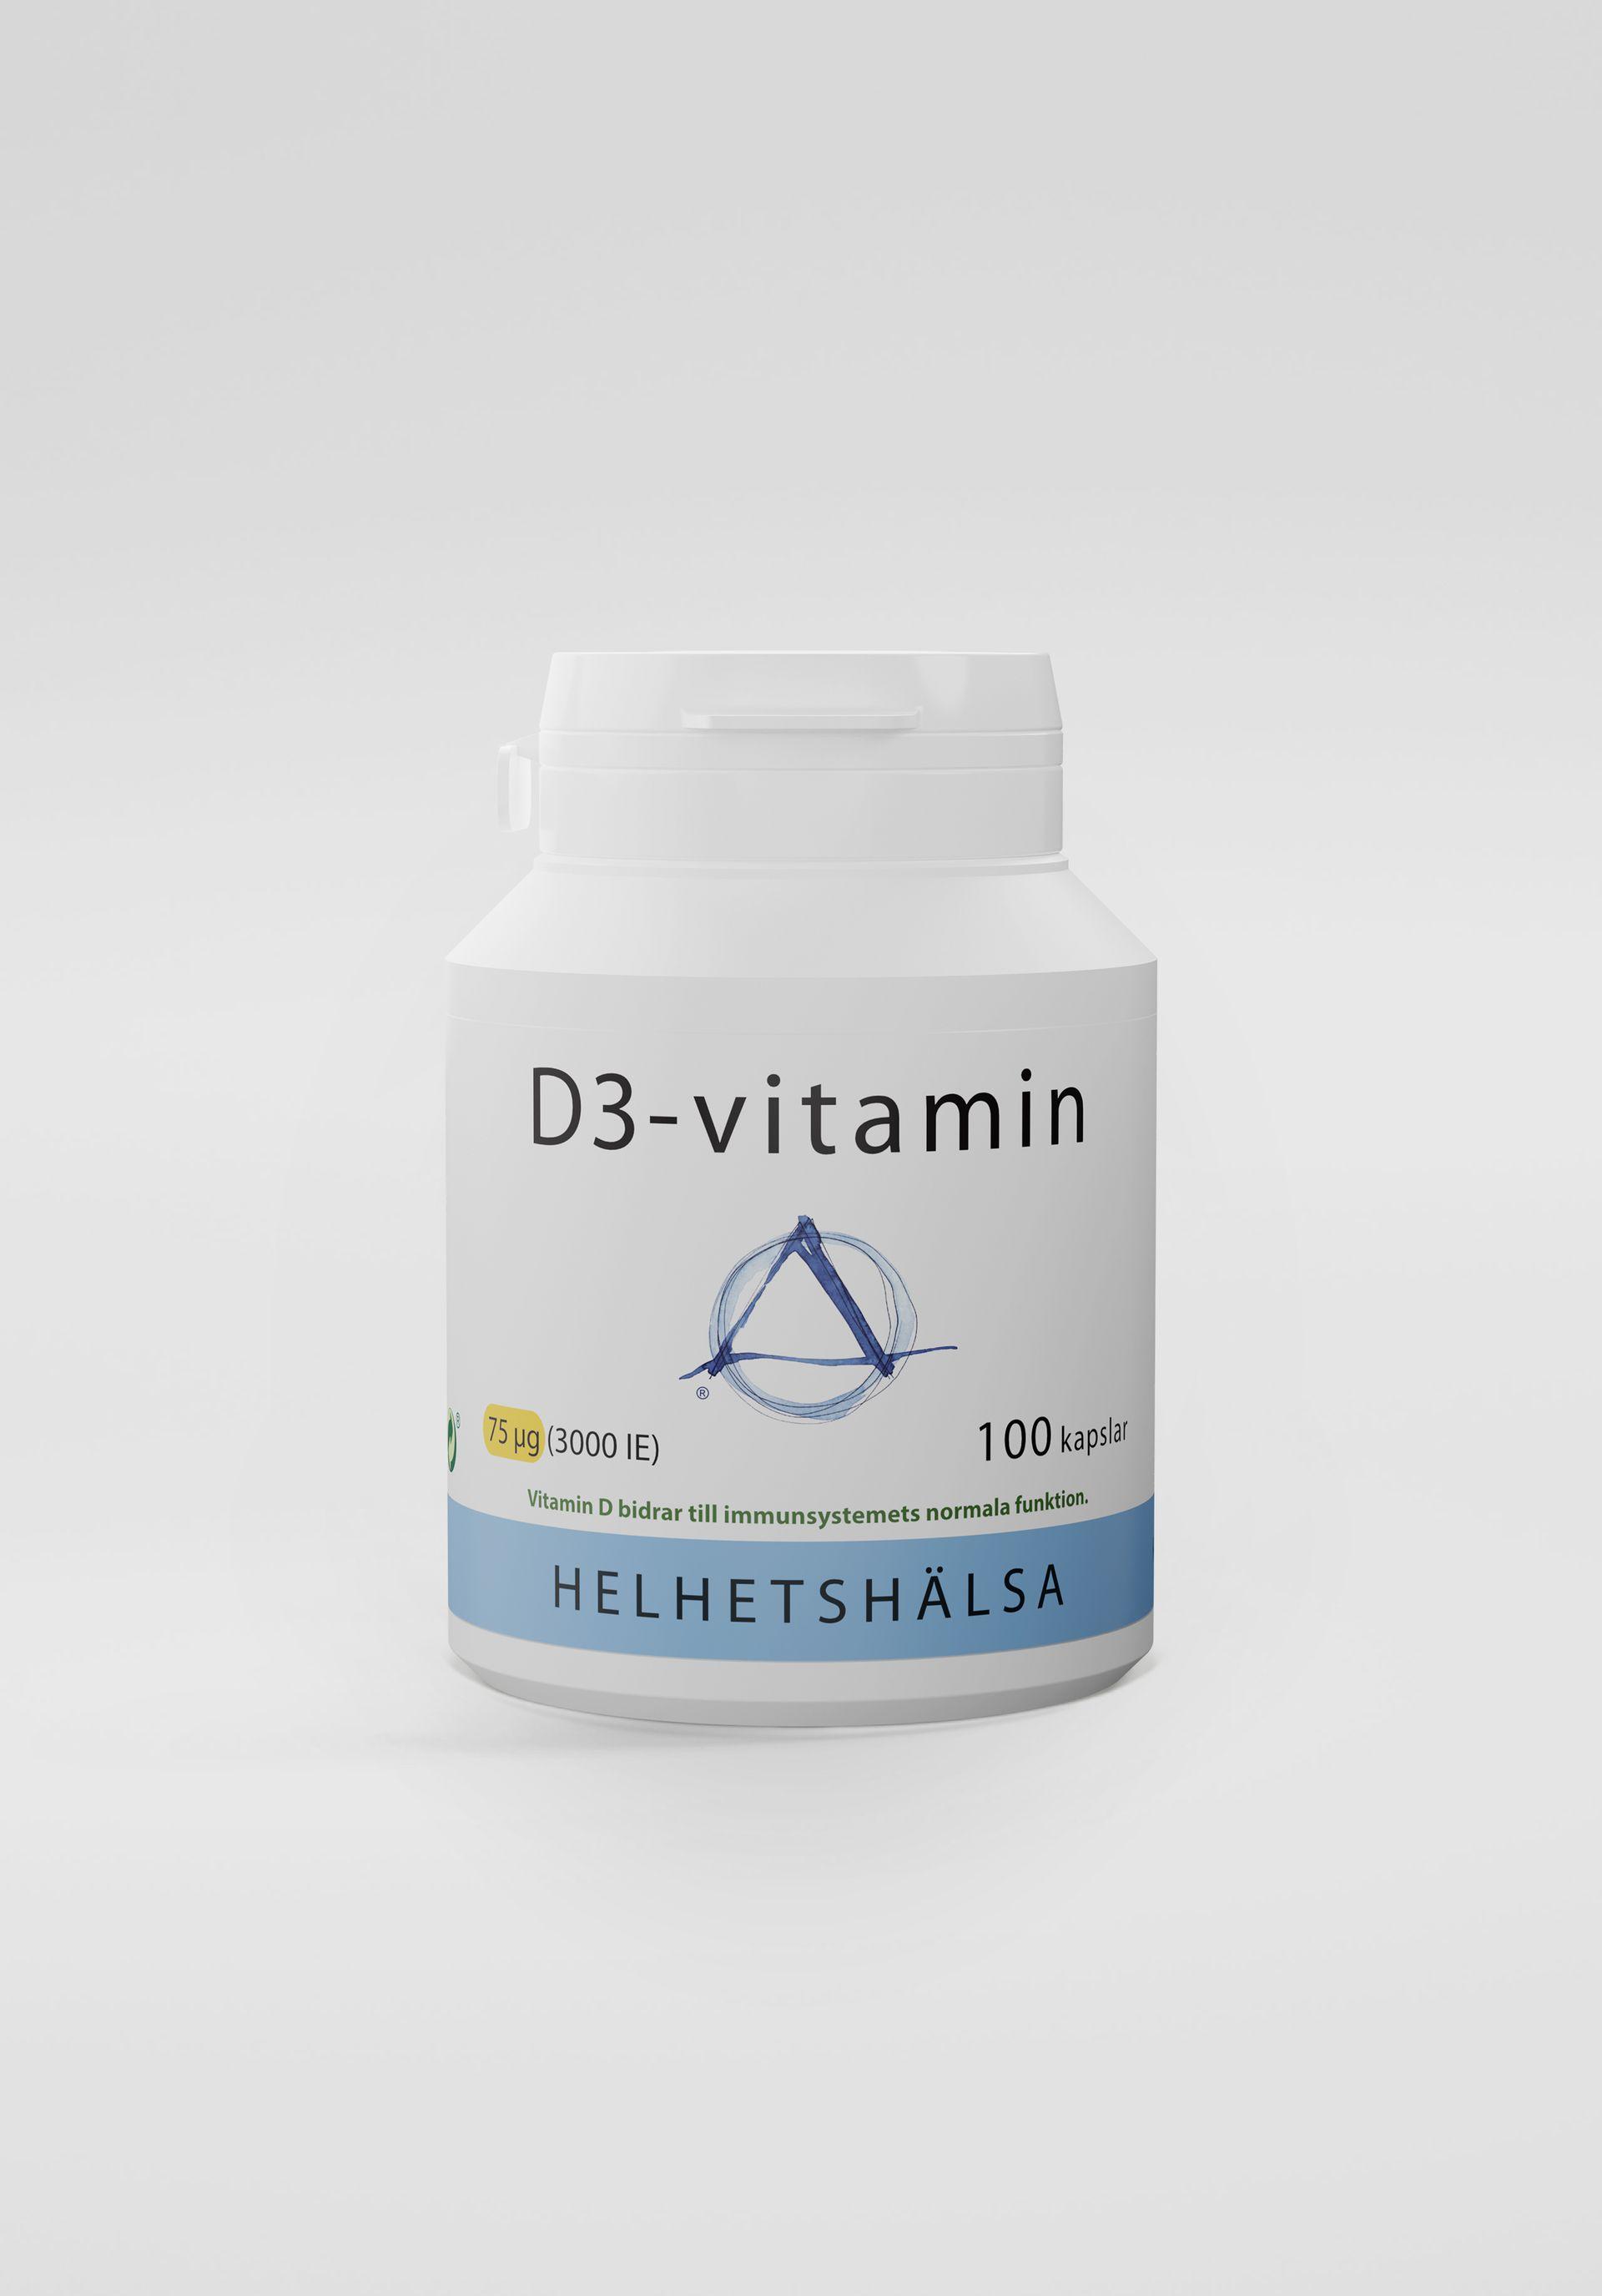 D3-vitamin, 75 µg, 100 kapslar